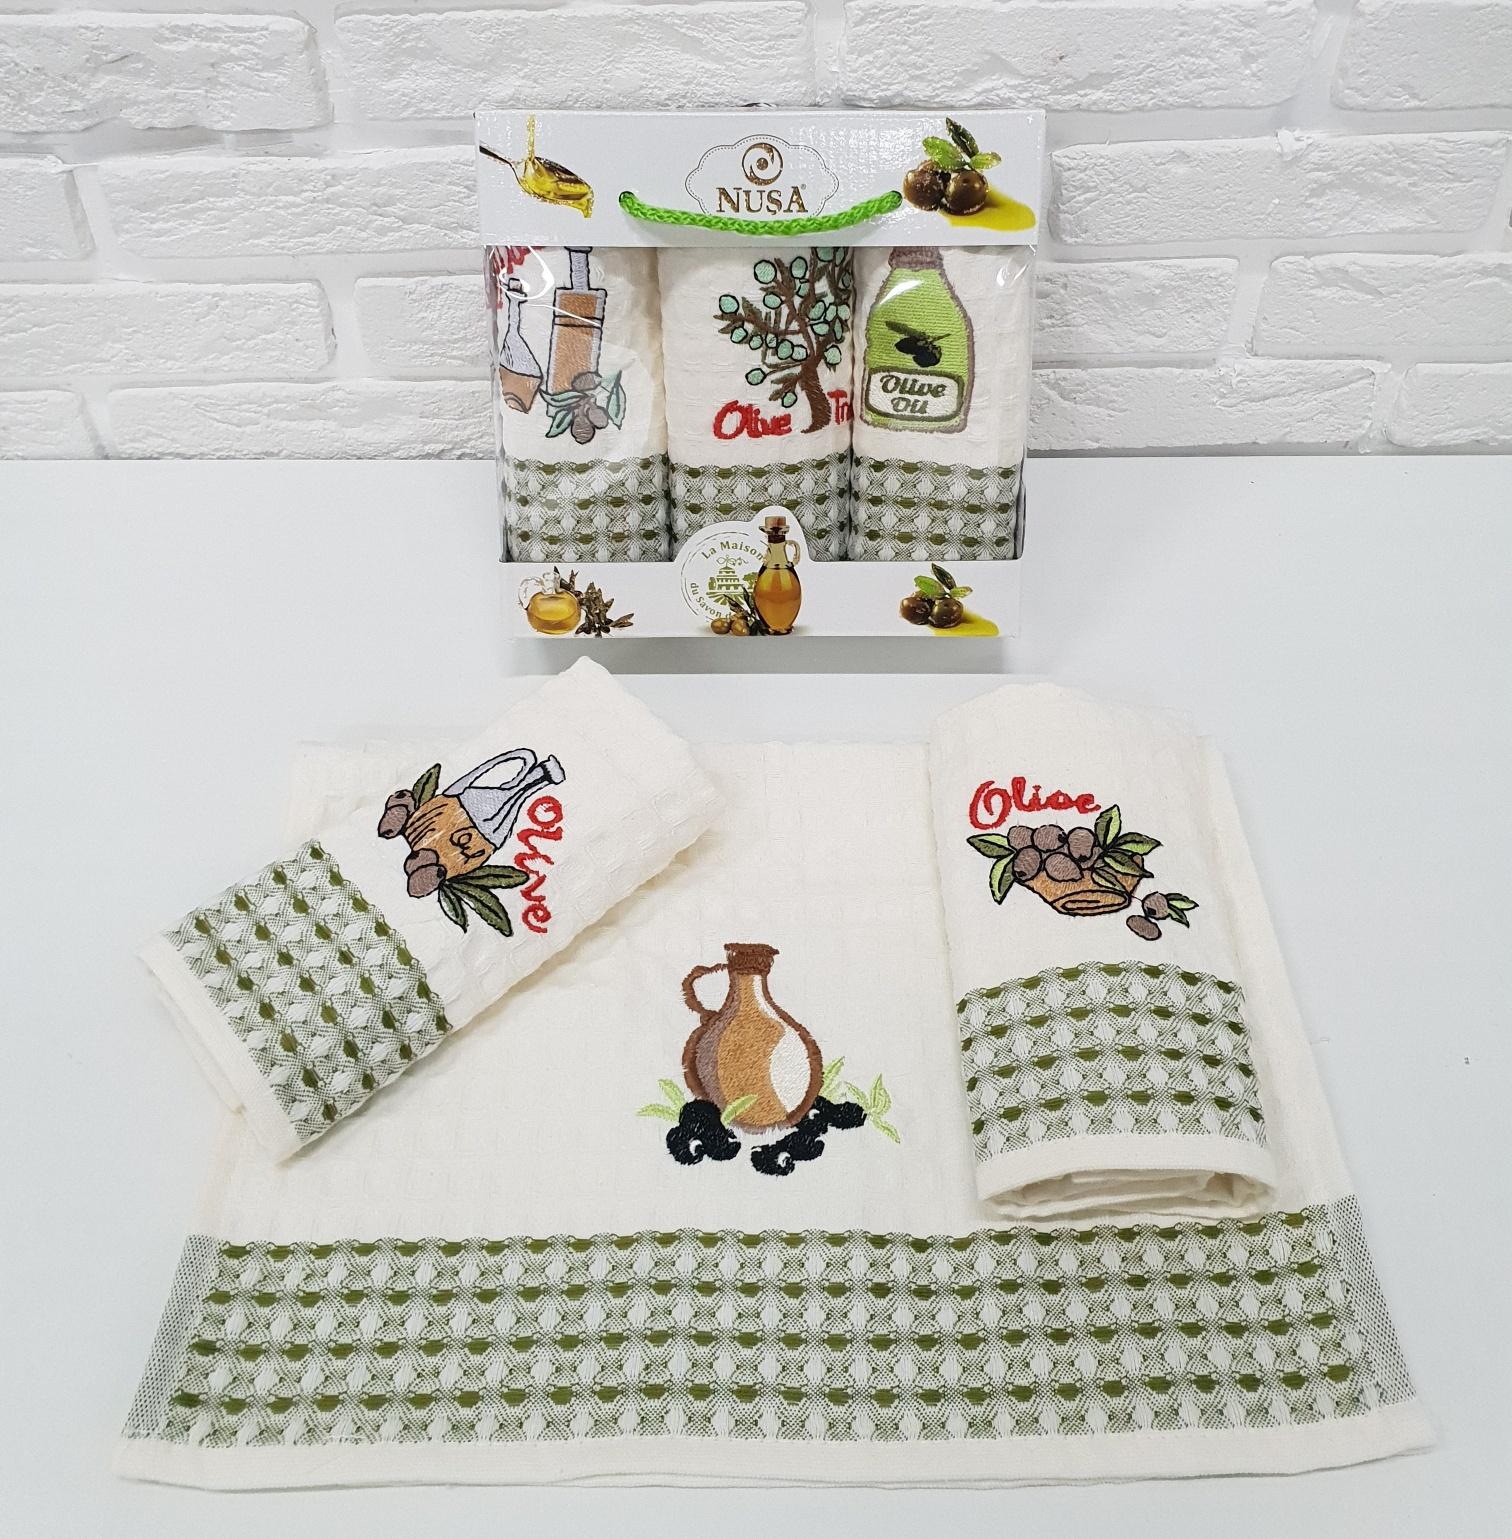 Купить Полотенца Nusa, Кухонное полотенце Оливки (35х50 см - 3 шт), Турция, Вафля